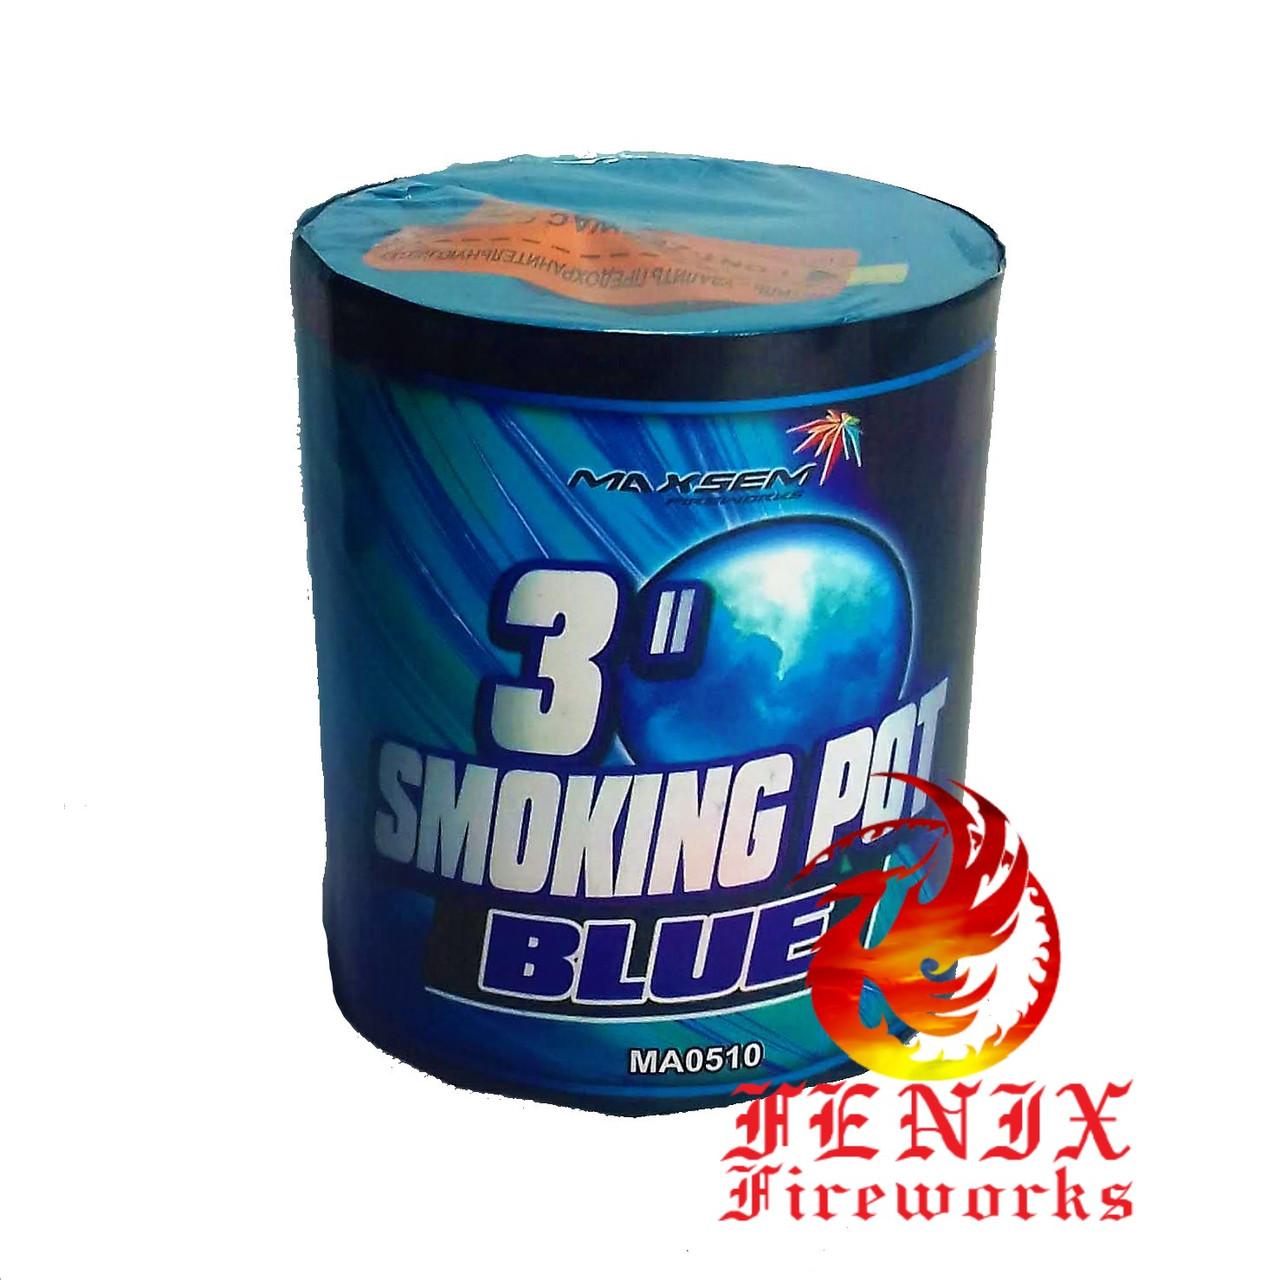 ЦВЕТНОЙ ДЫМ СИНИЙ ПРОФЕССИОНАЛЬНЫЙ Smoke Pot 60 секунд MA0510/B